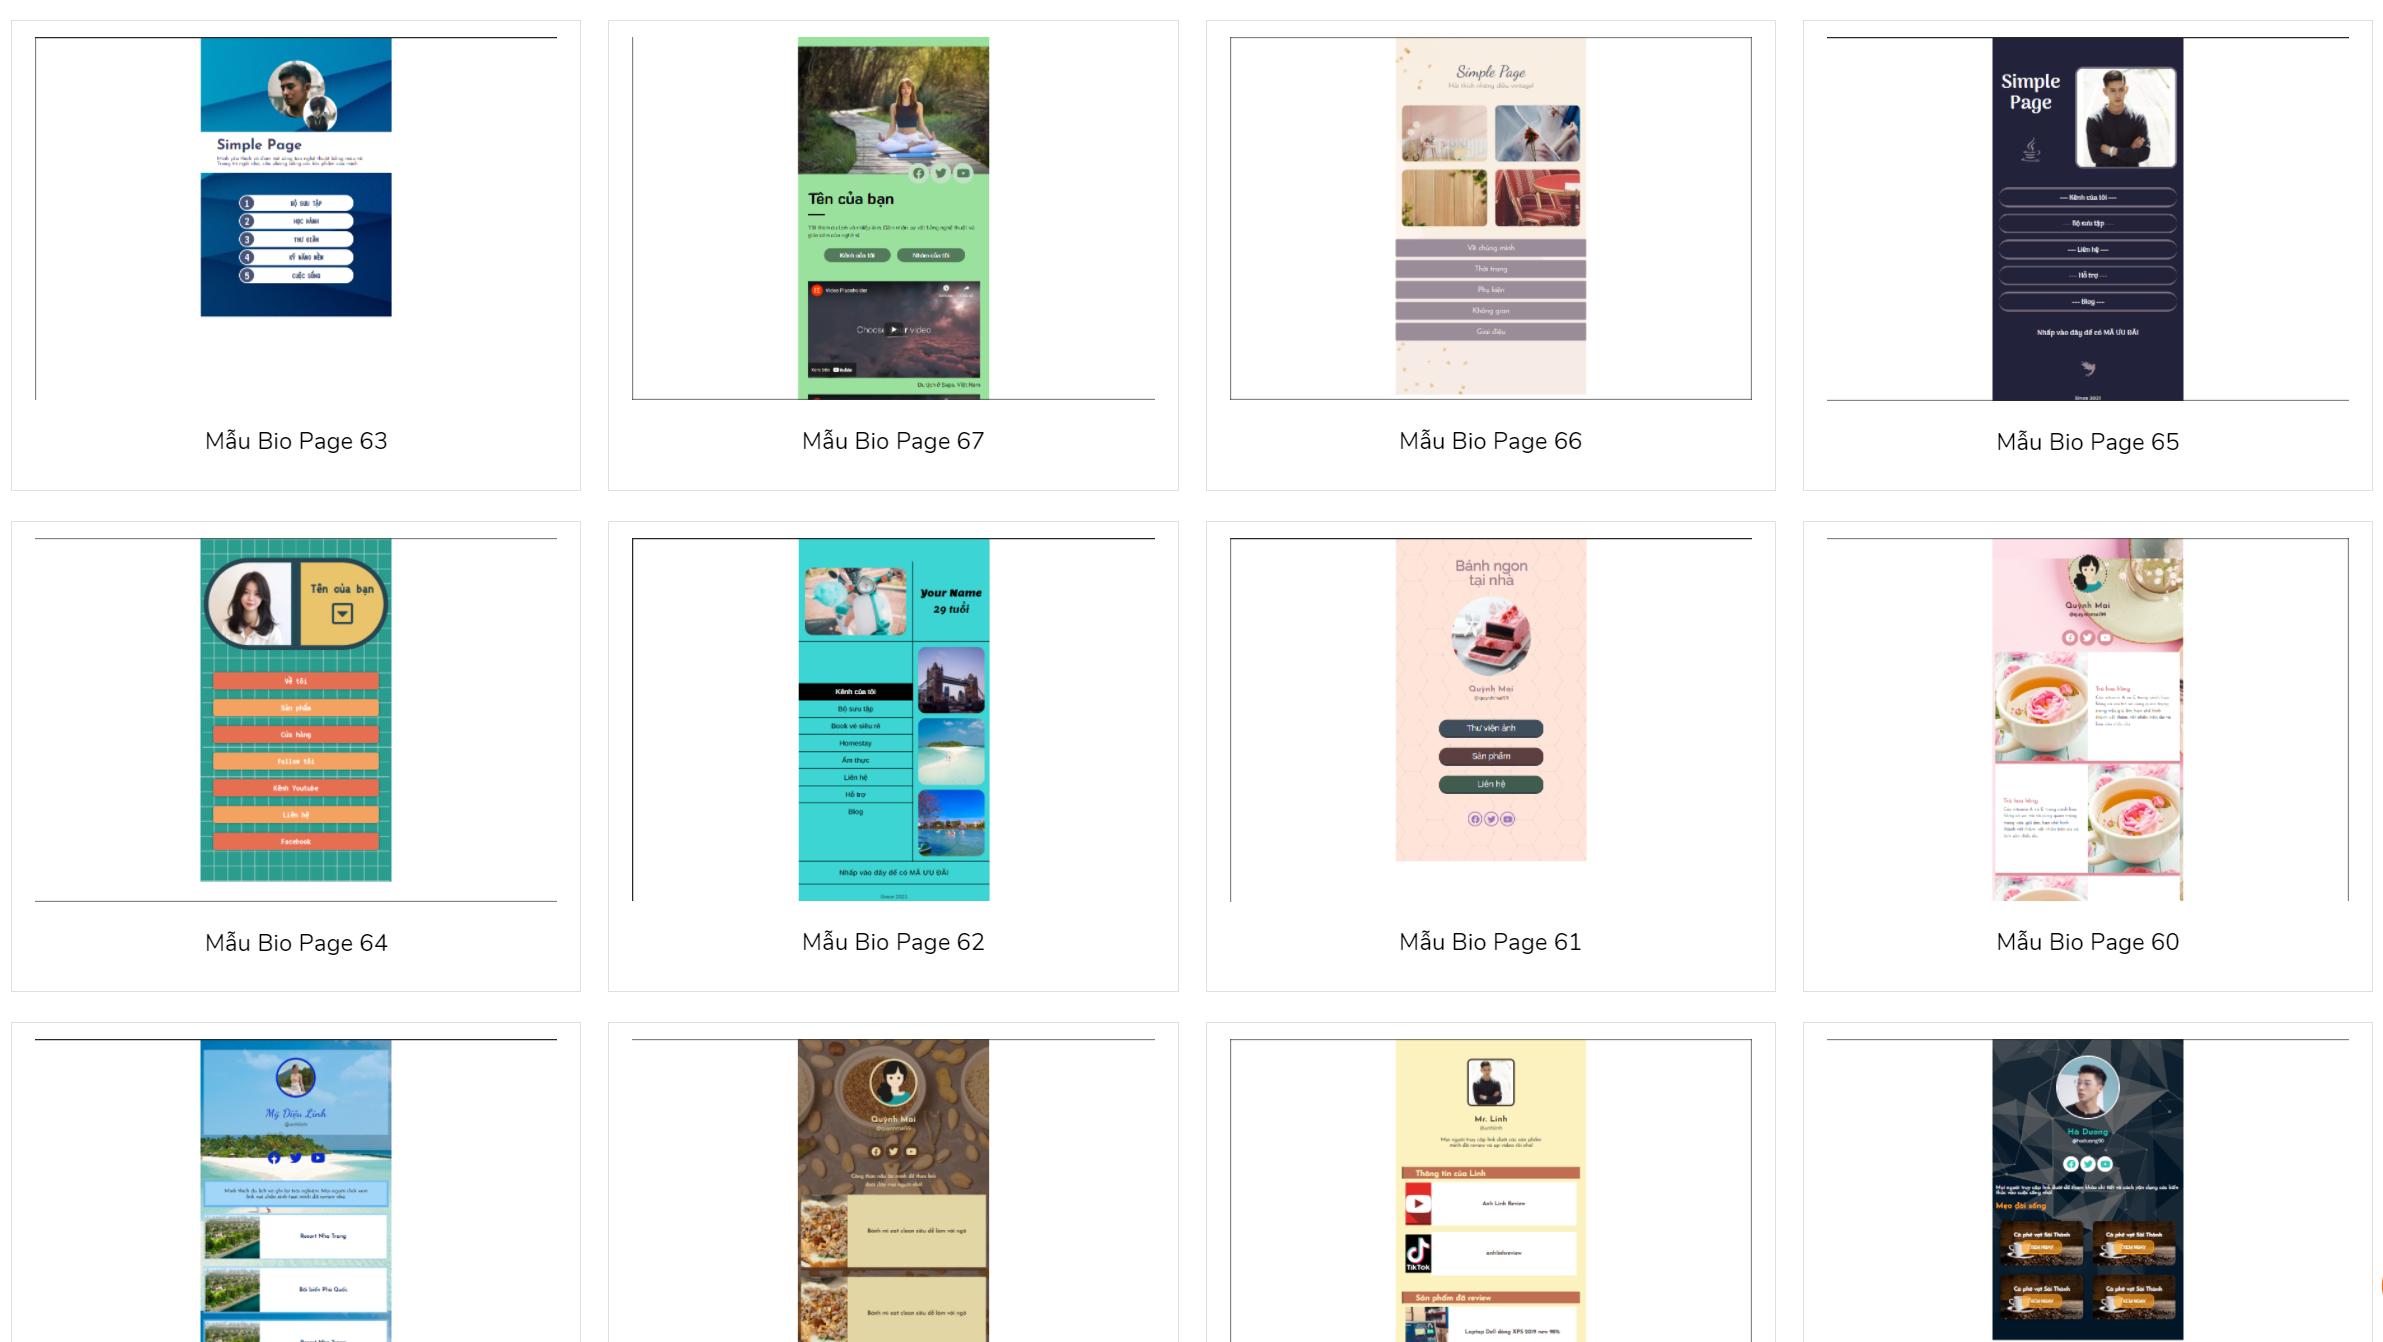 Tạo biopage miễn phí cùng Biopage.vn